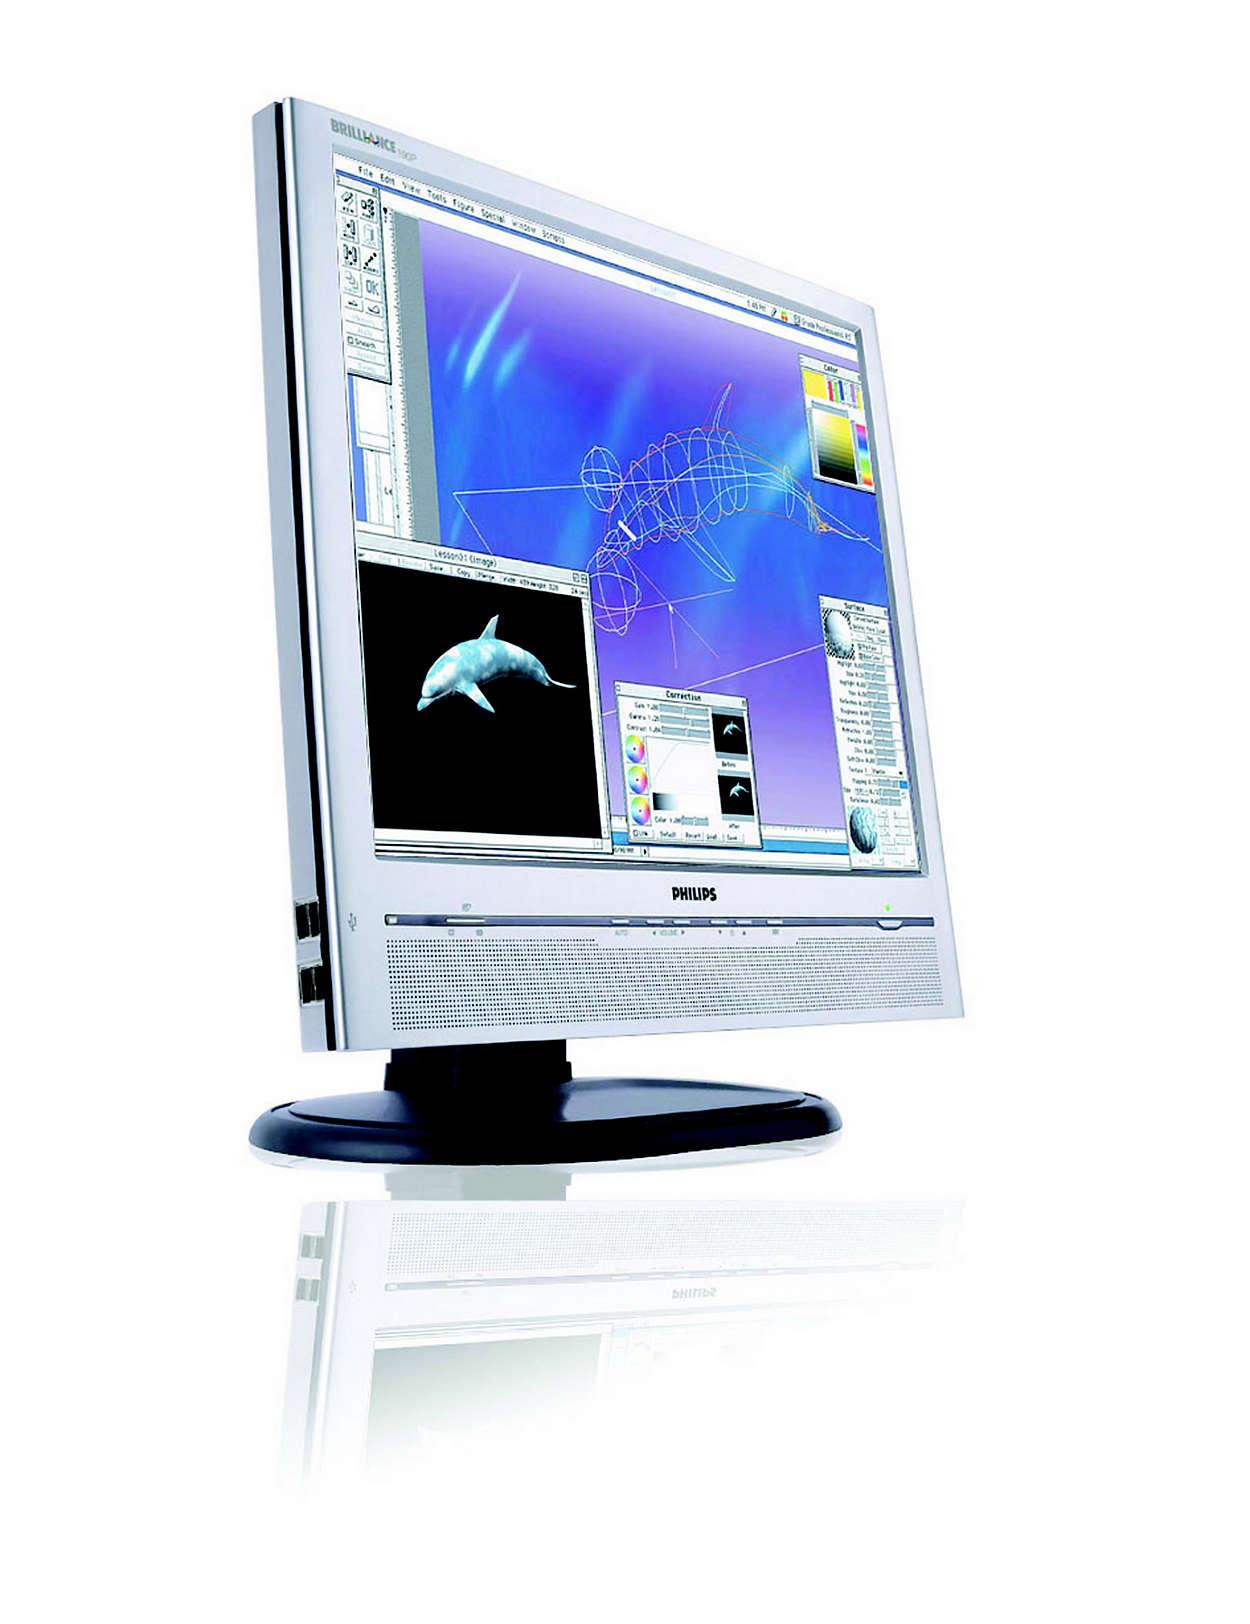 превъзходен образ на голям екран за професионални задачи